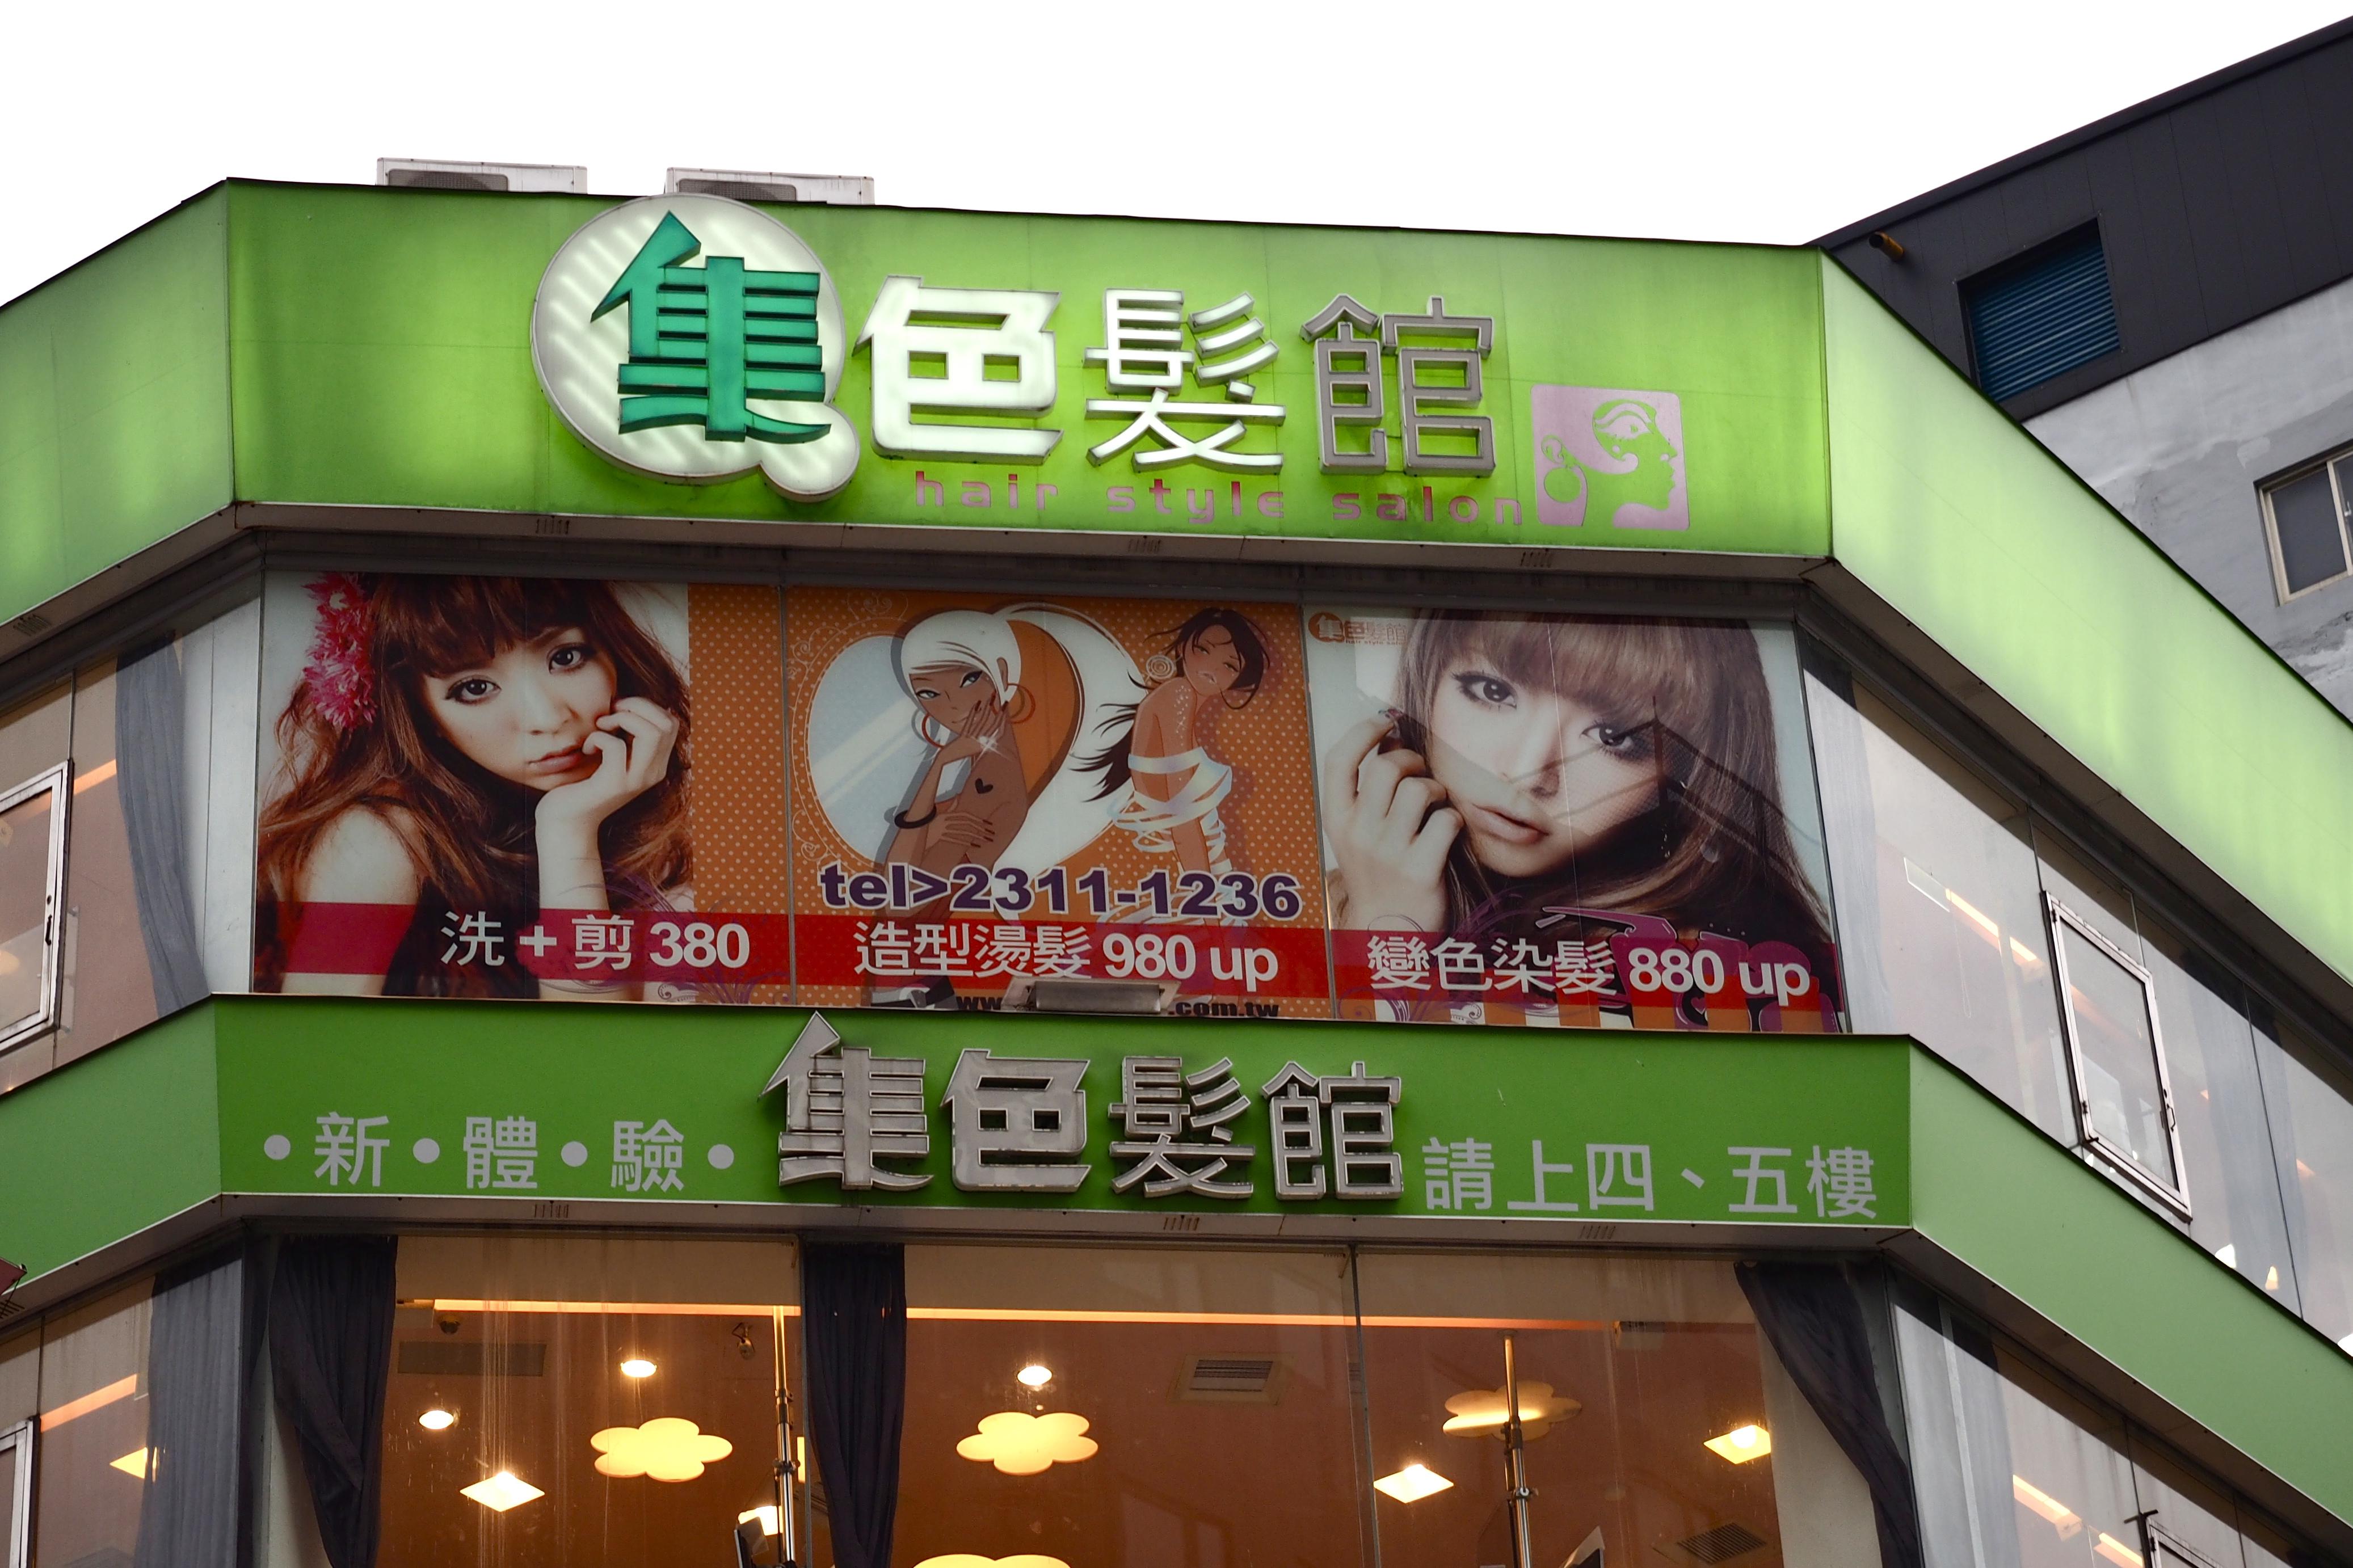 Crédit Zoé Piazza. Devanture d'un coiffeur dans le quartier de Ximen, Taipei